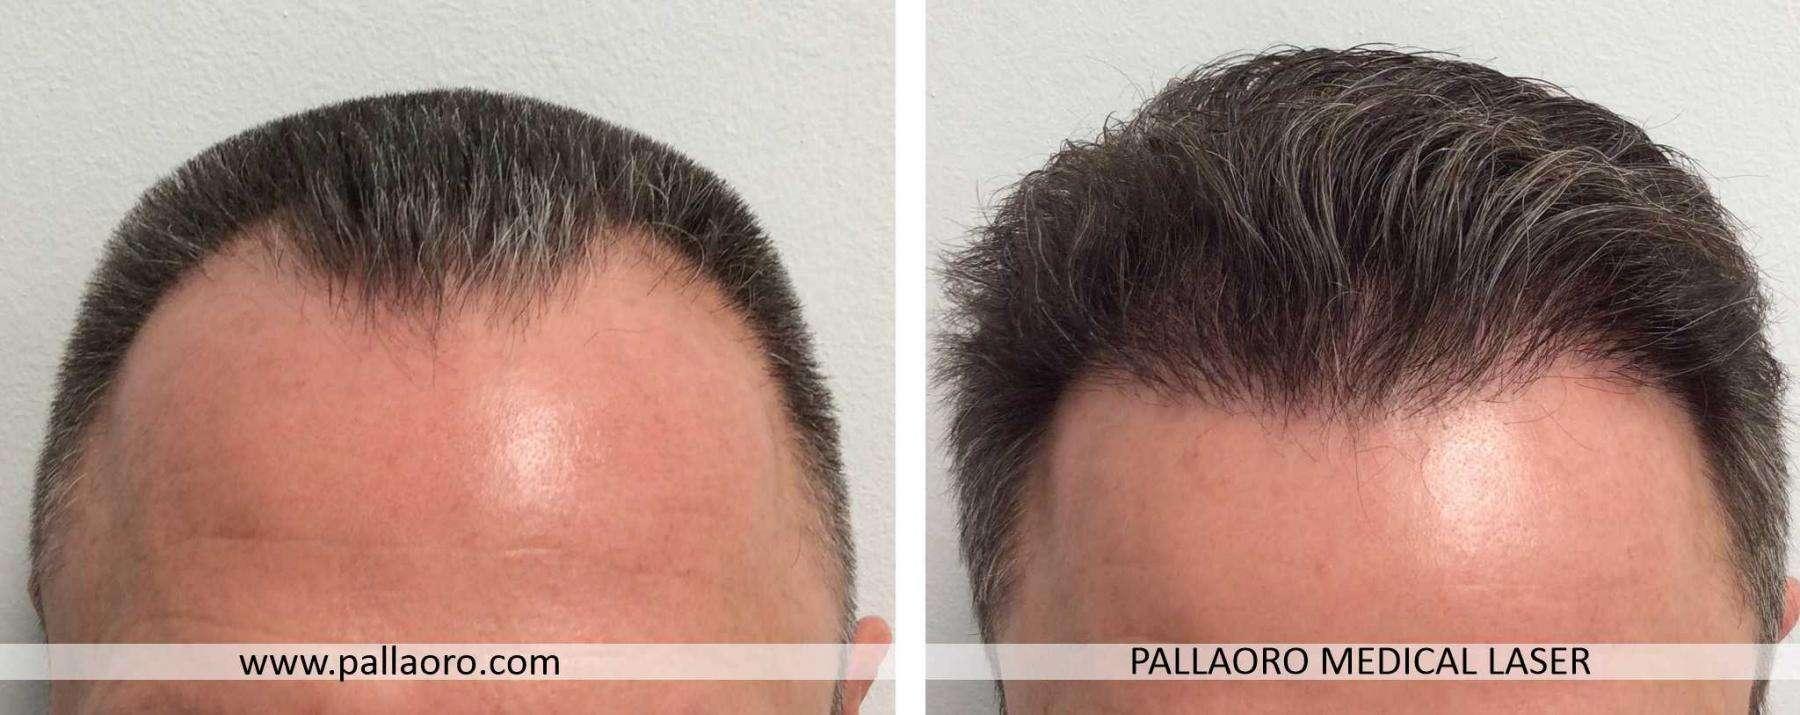 trapianto capelli 2021 02 a